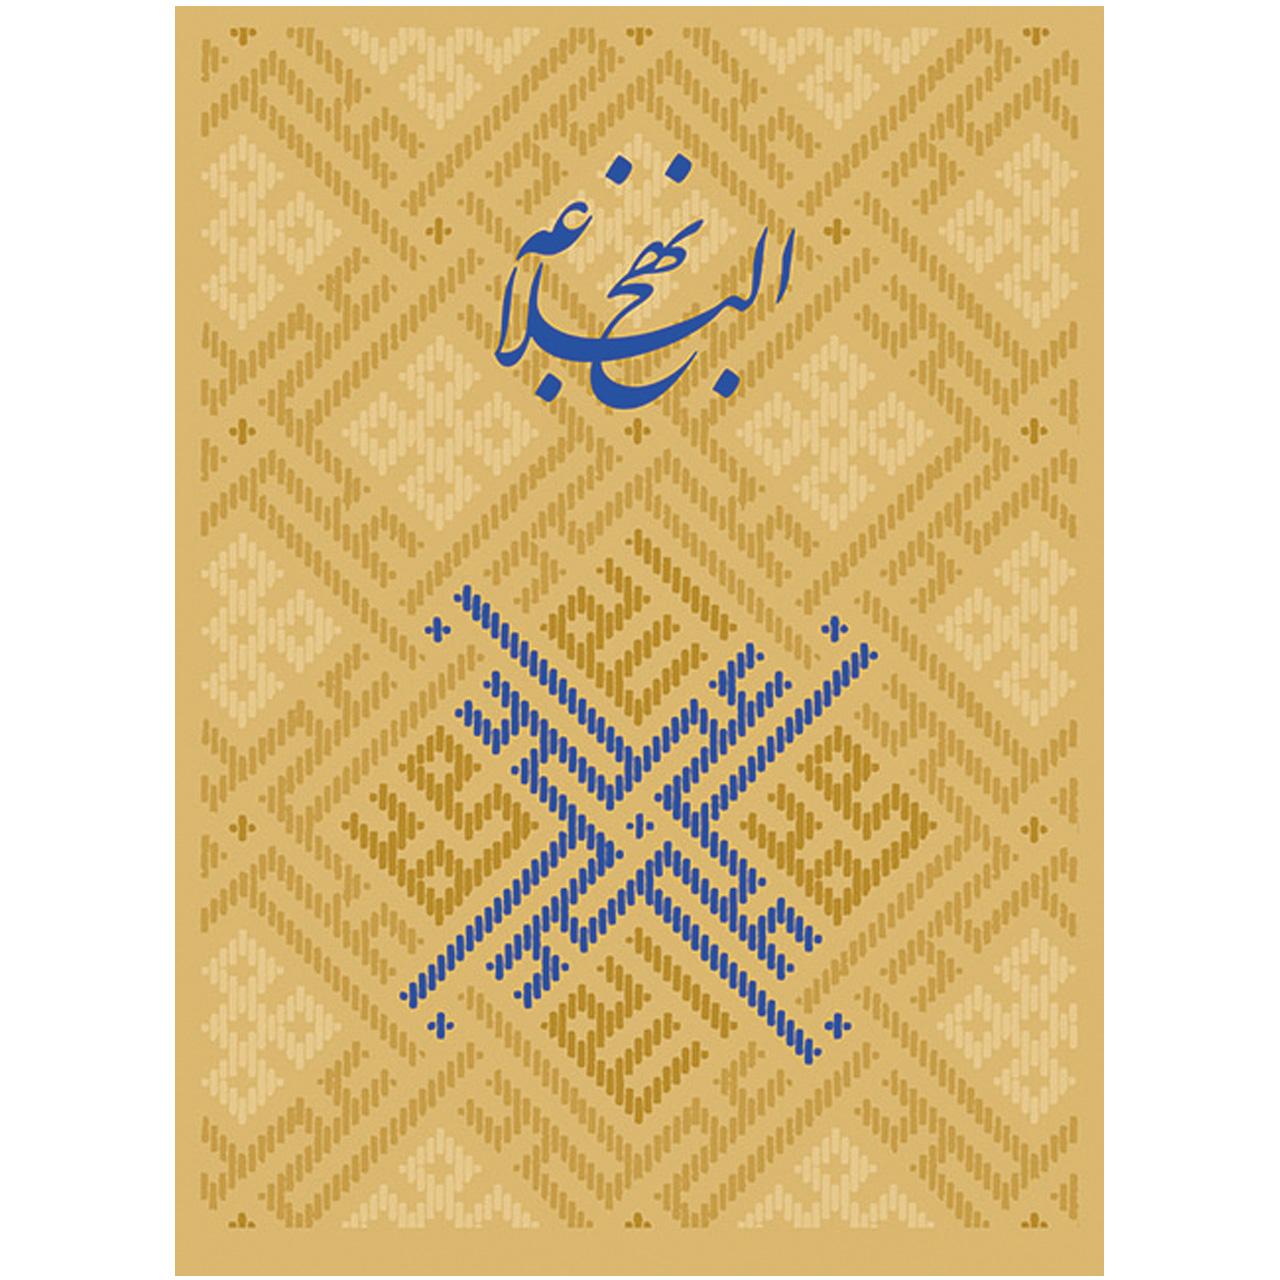 کتاب نهج البلاغه اثر امام علی بن ابیطالب گردآوردۀ سید شریف رضی